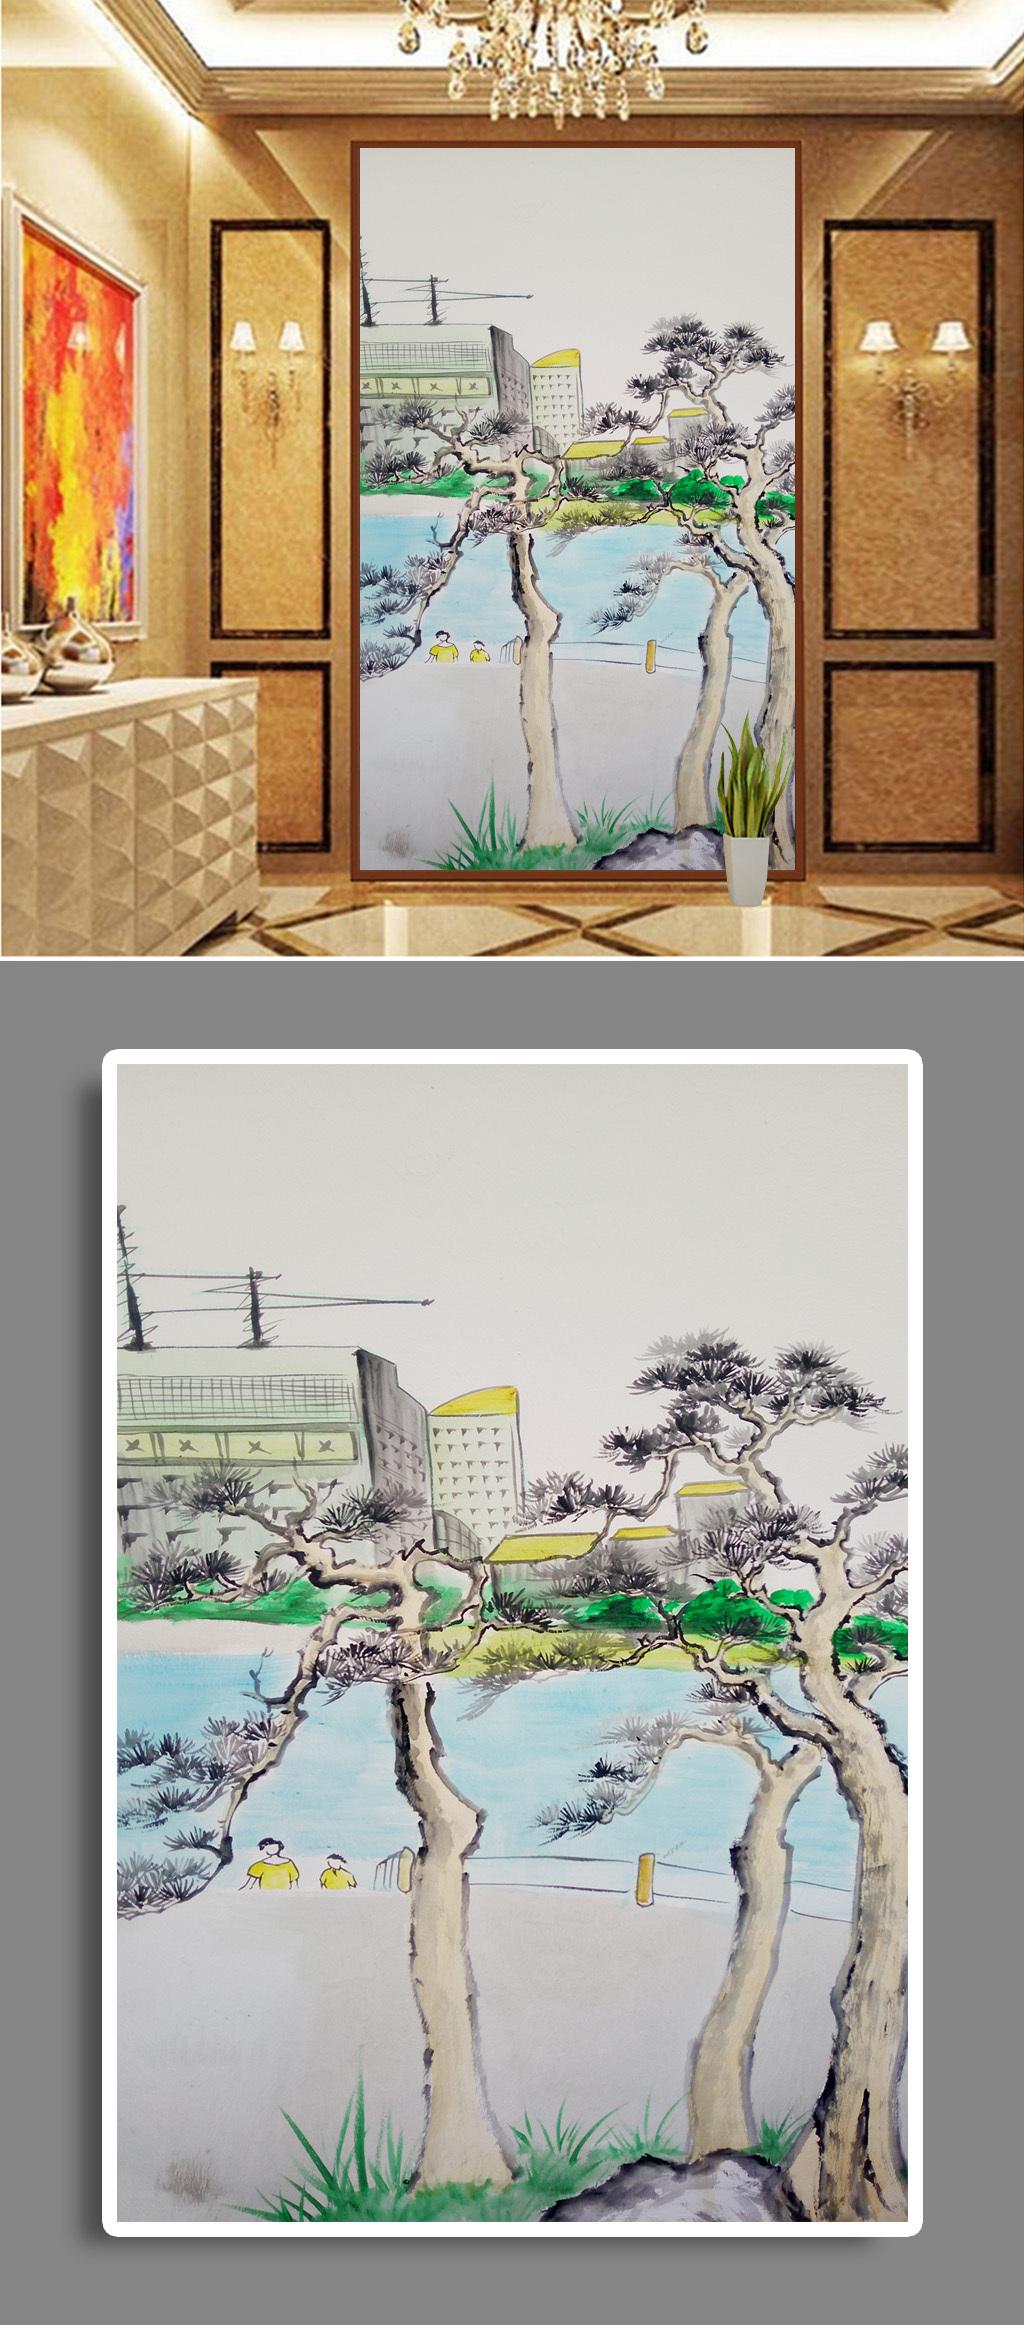 手绘建筑油画装饰画壁画墙绘